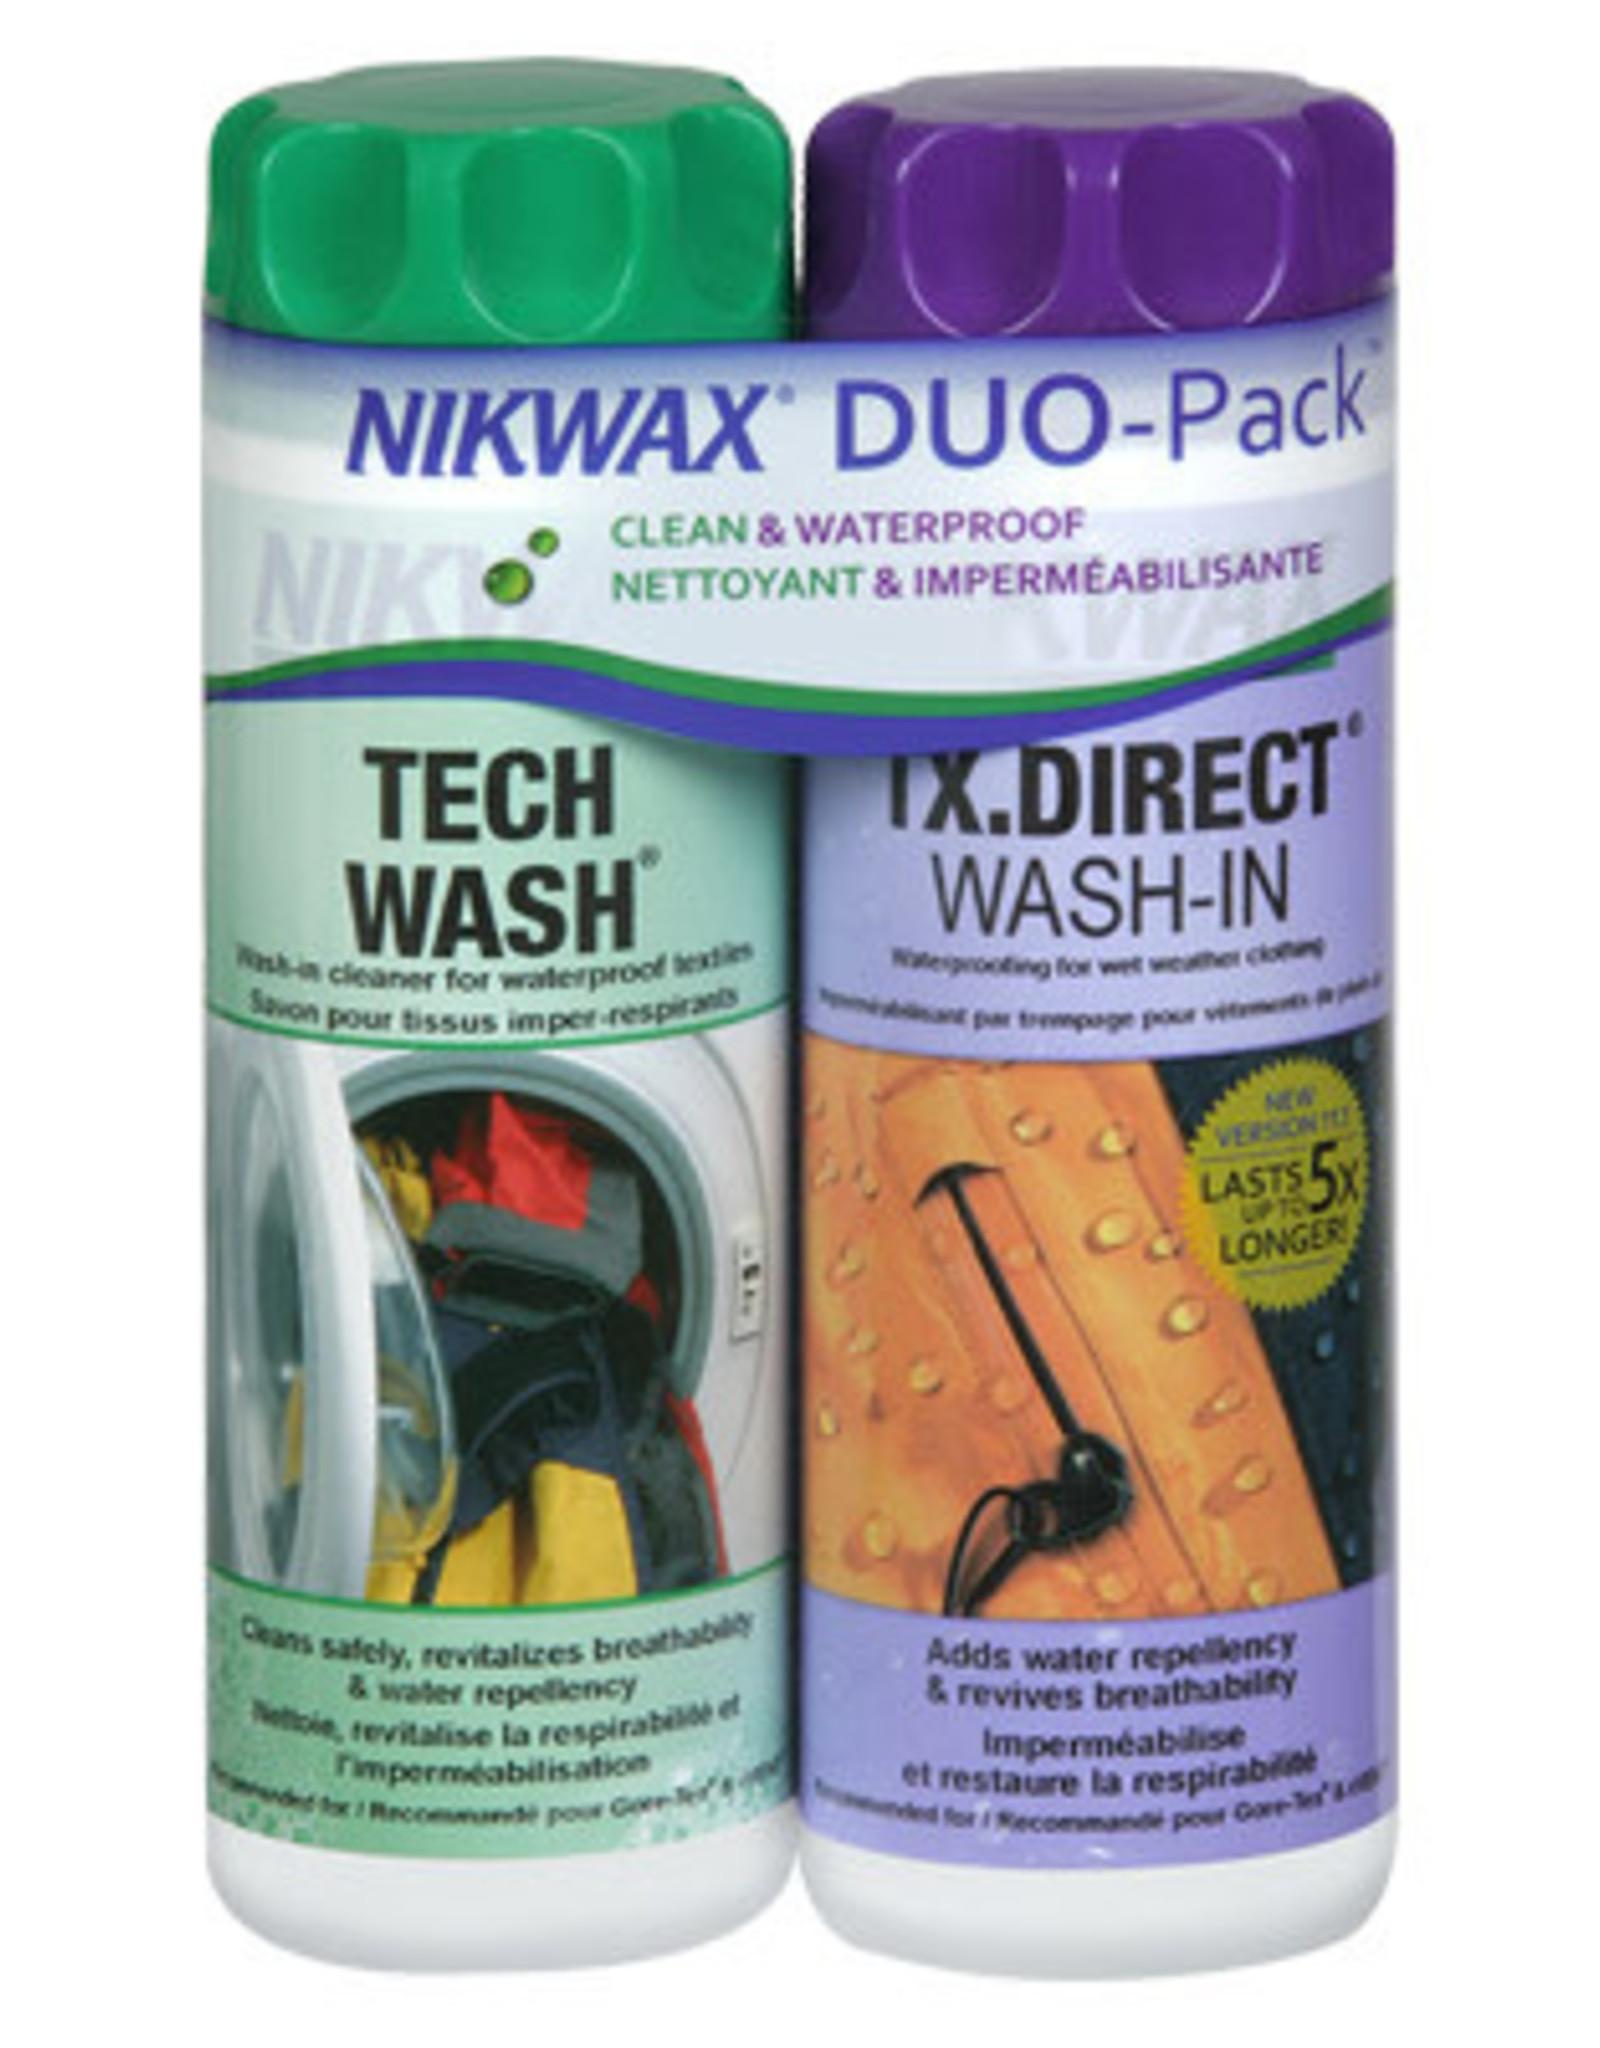 NIKWAX NIKWAX HARD SHELL DUO PACK 300ml